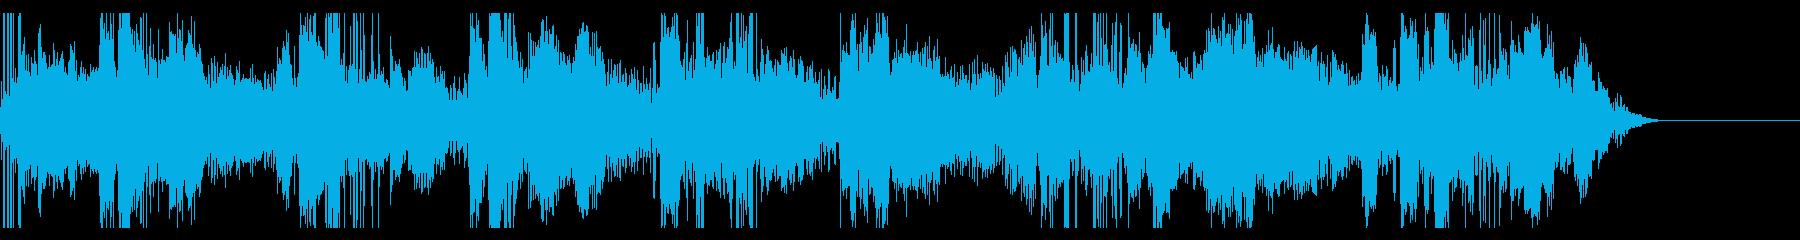 ピストンファクトリー、モーフエレメ...の再生済みの波形